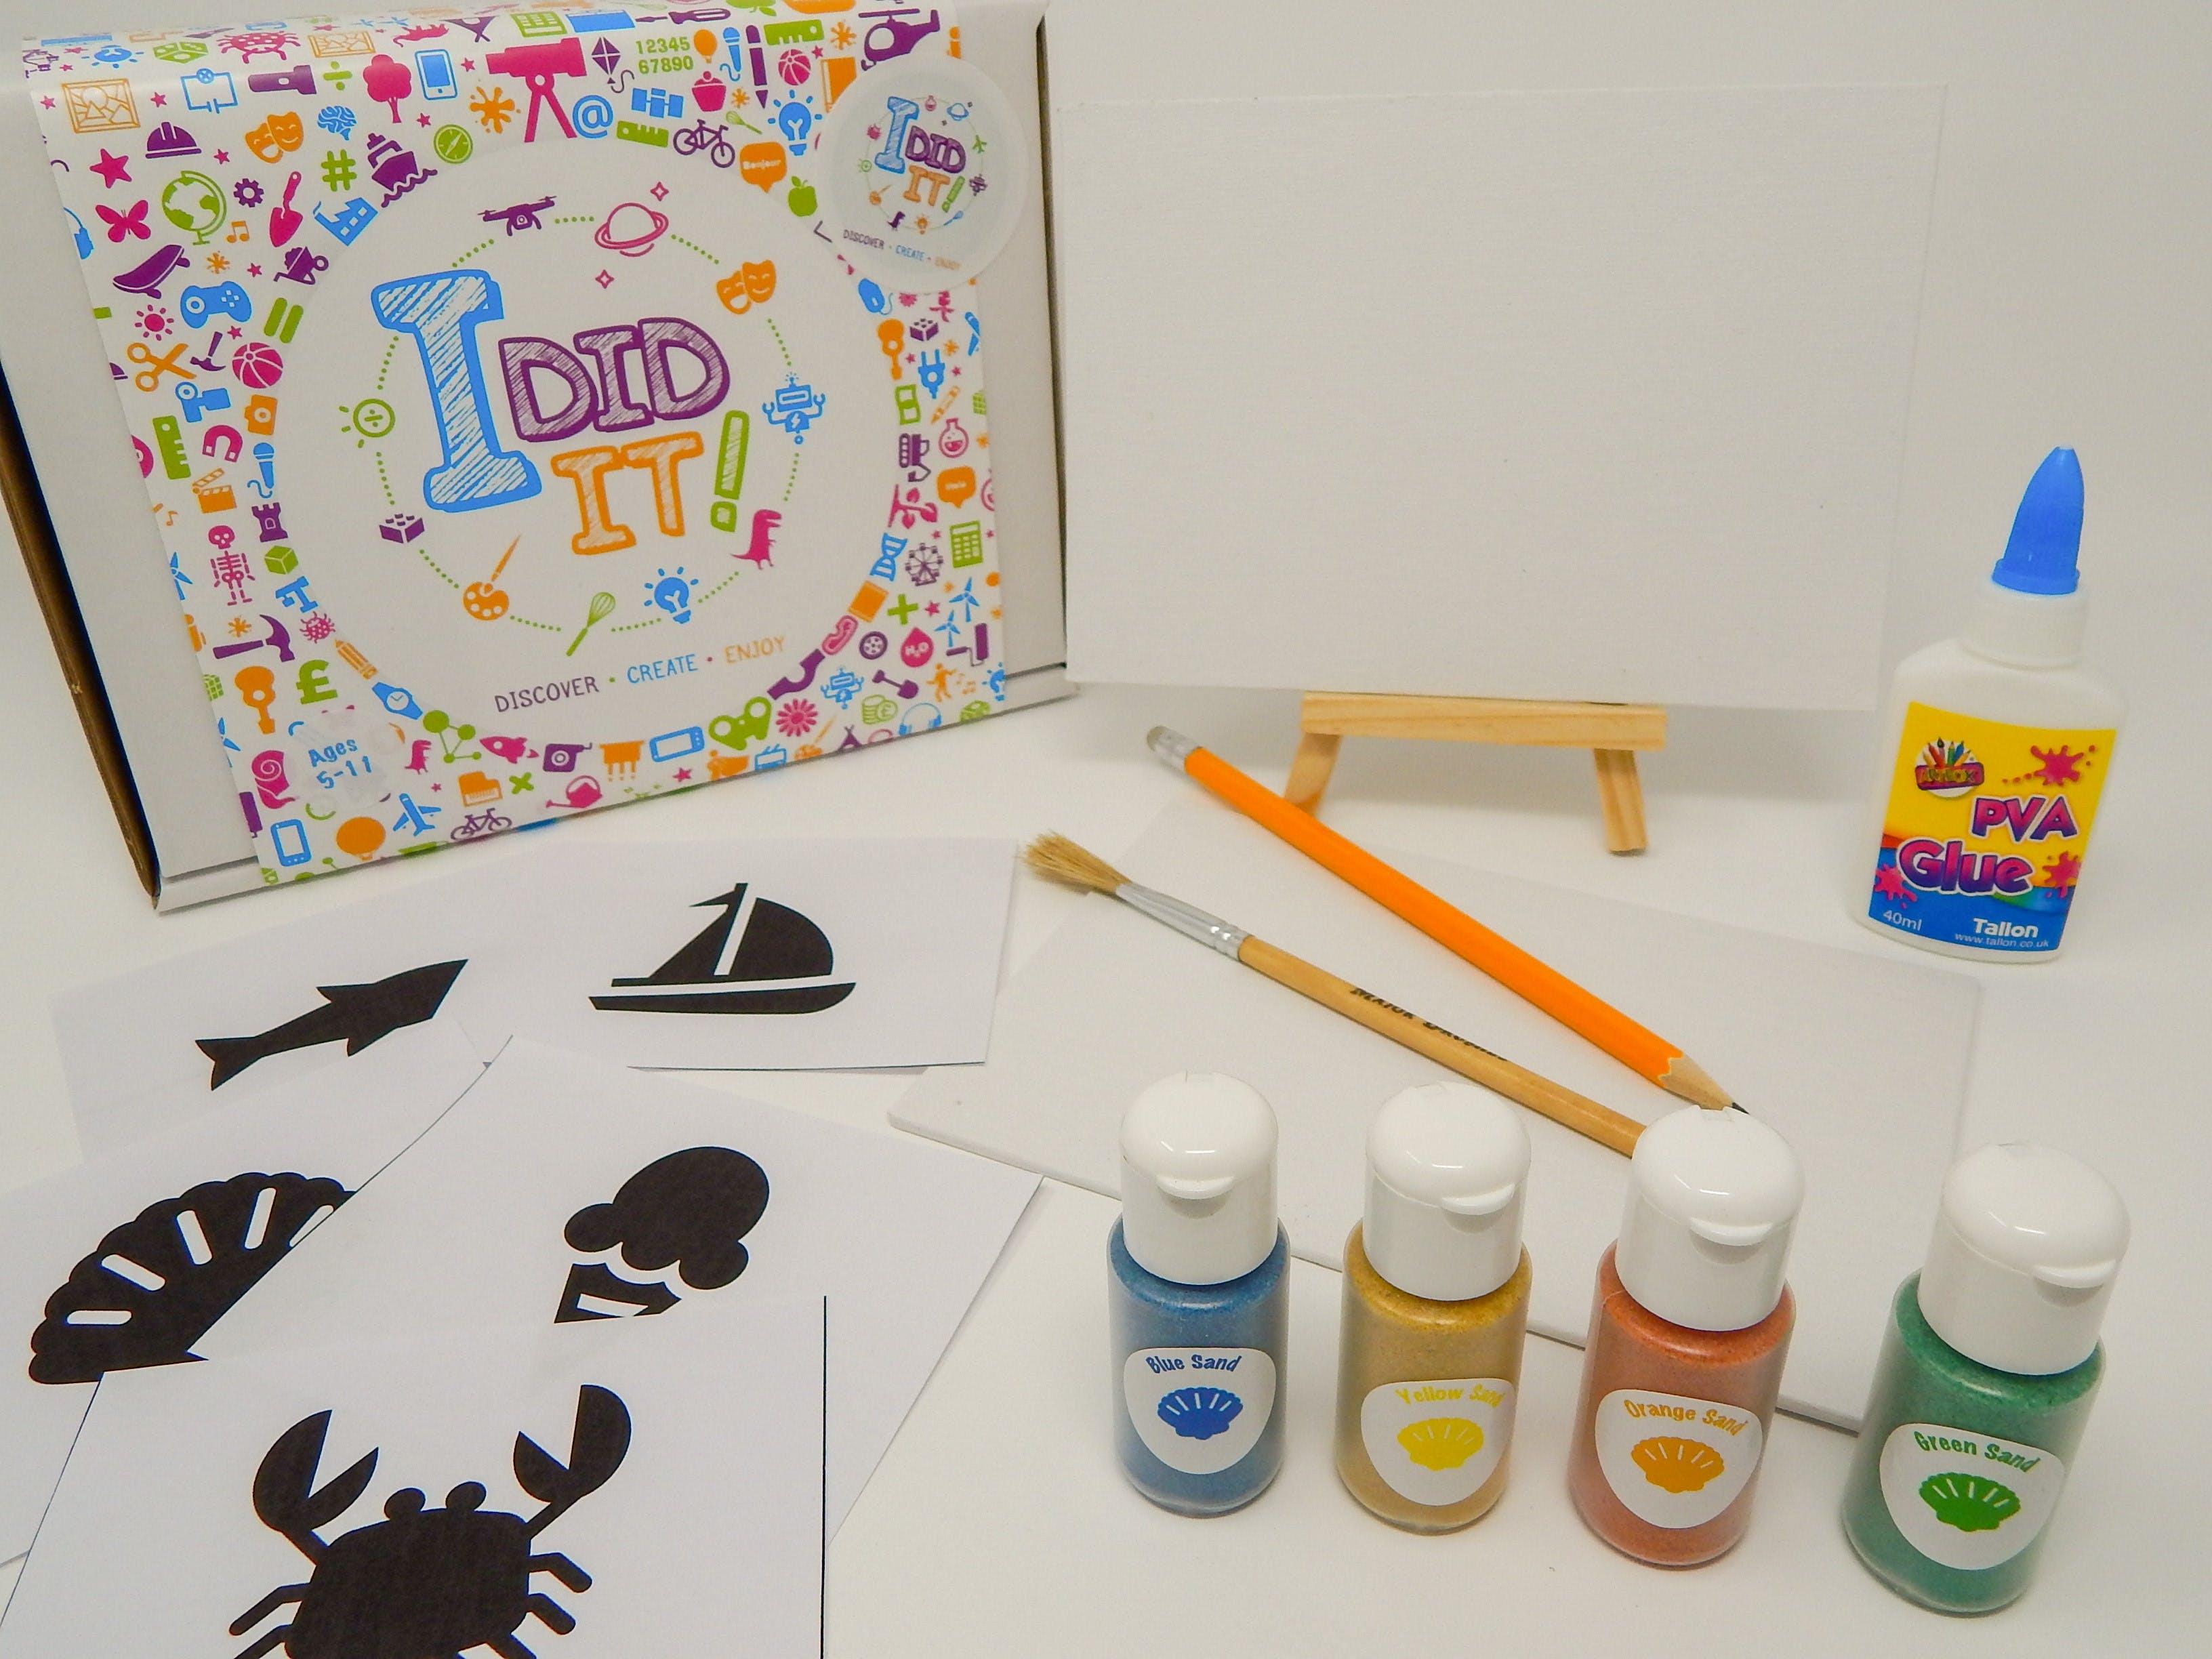 Sand Art Canvas Box - I DID IT!